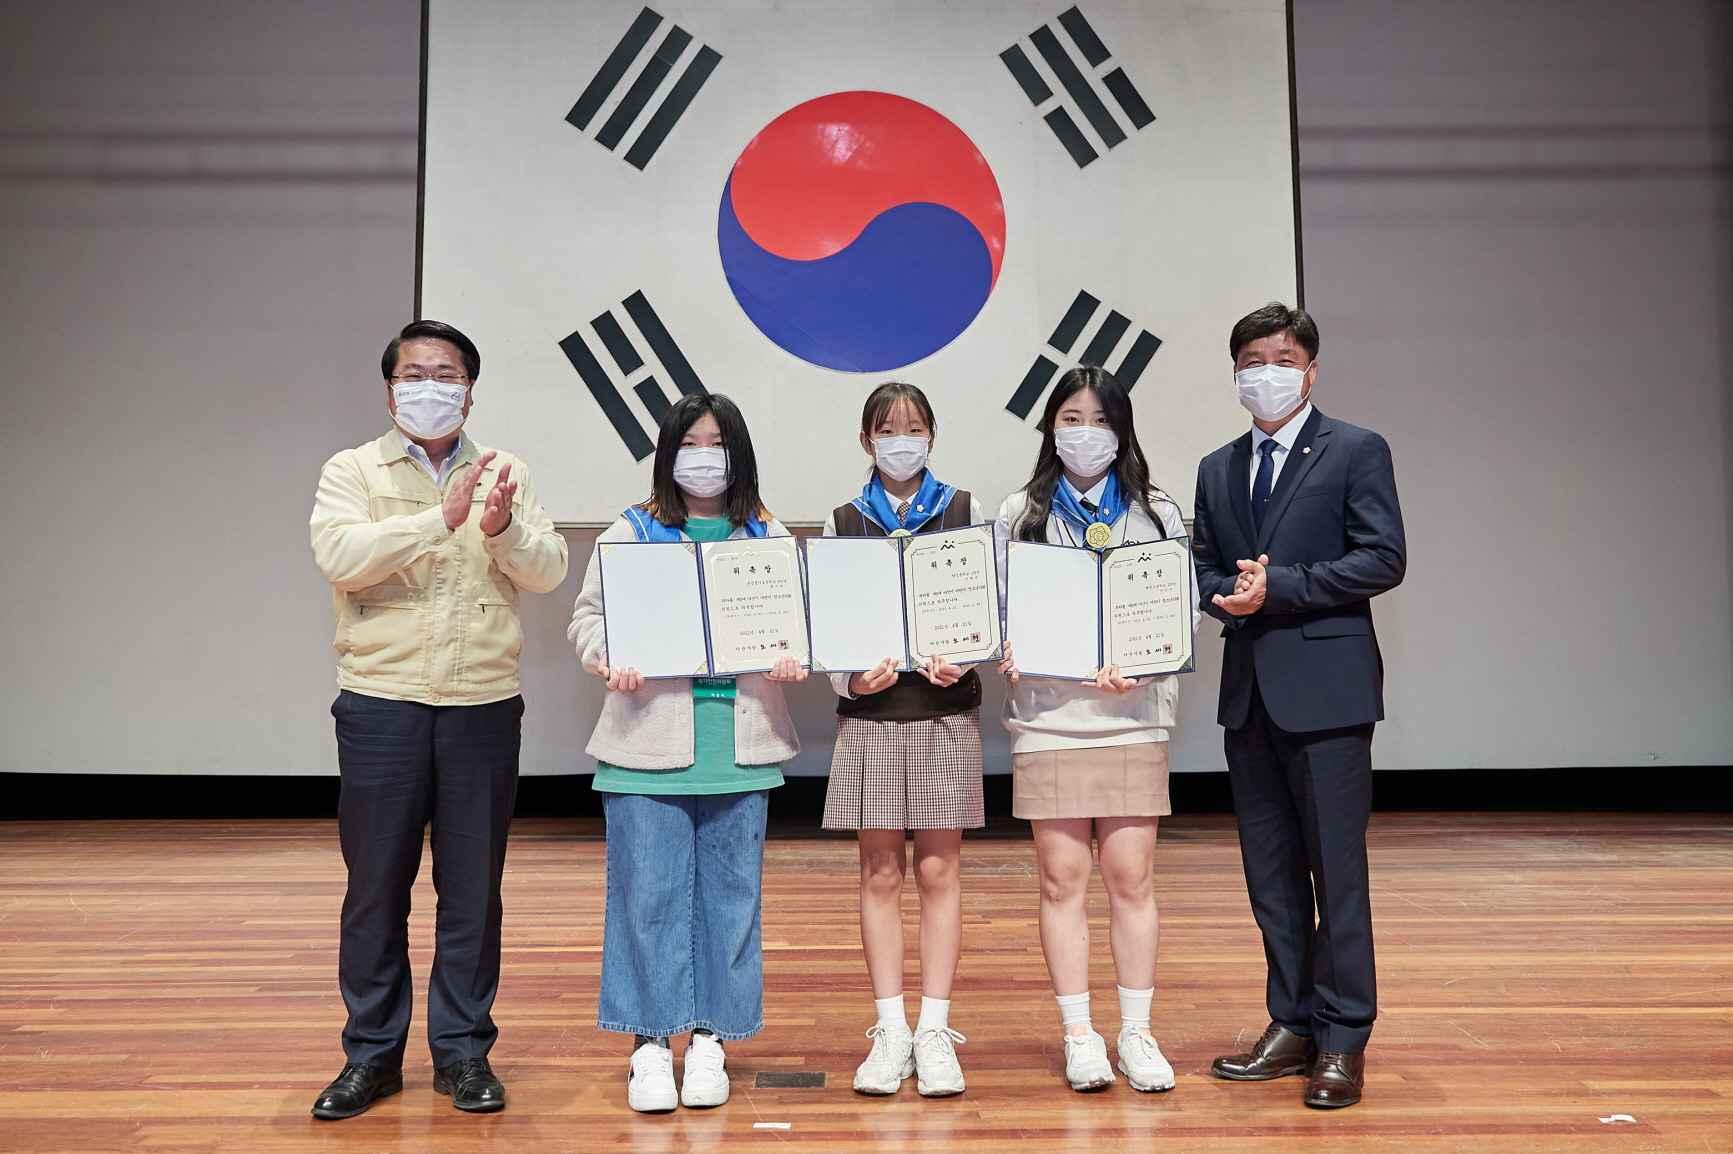 제5대 아산시 어린이·청소년의회 발대식 및 워크숍 개최